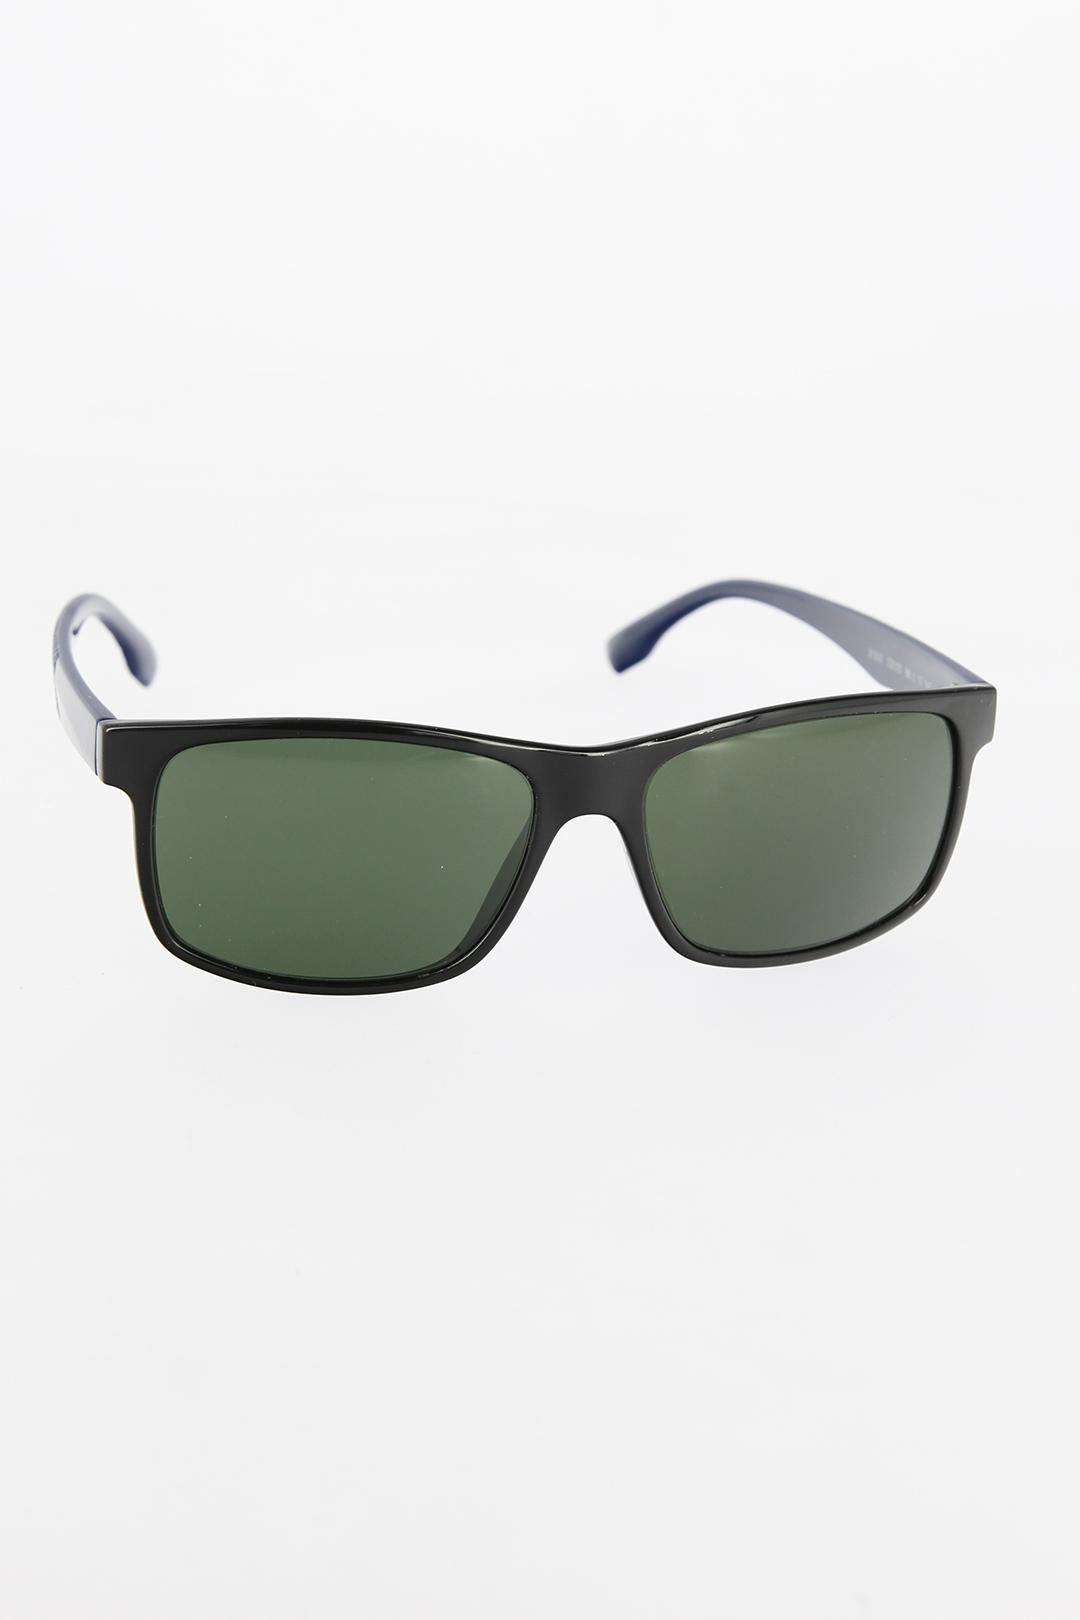 Siyah Renk Çerçeveli Lacivert Saplı Erkek Güneş Gözlüğü